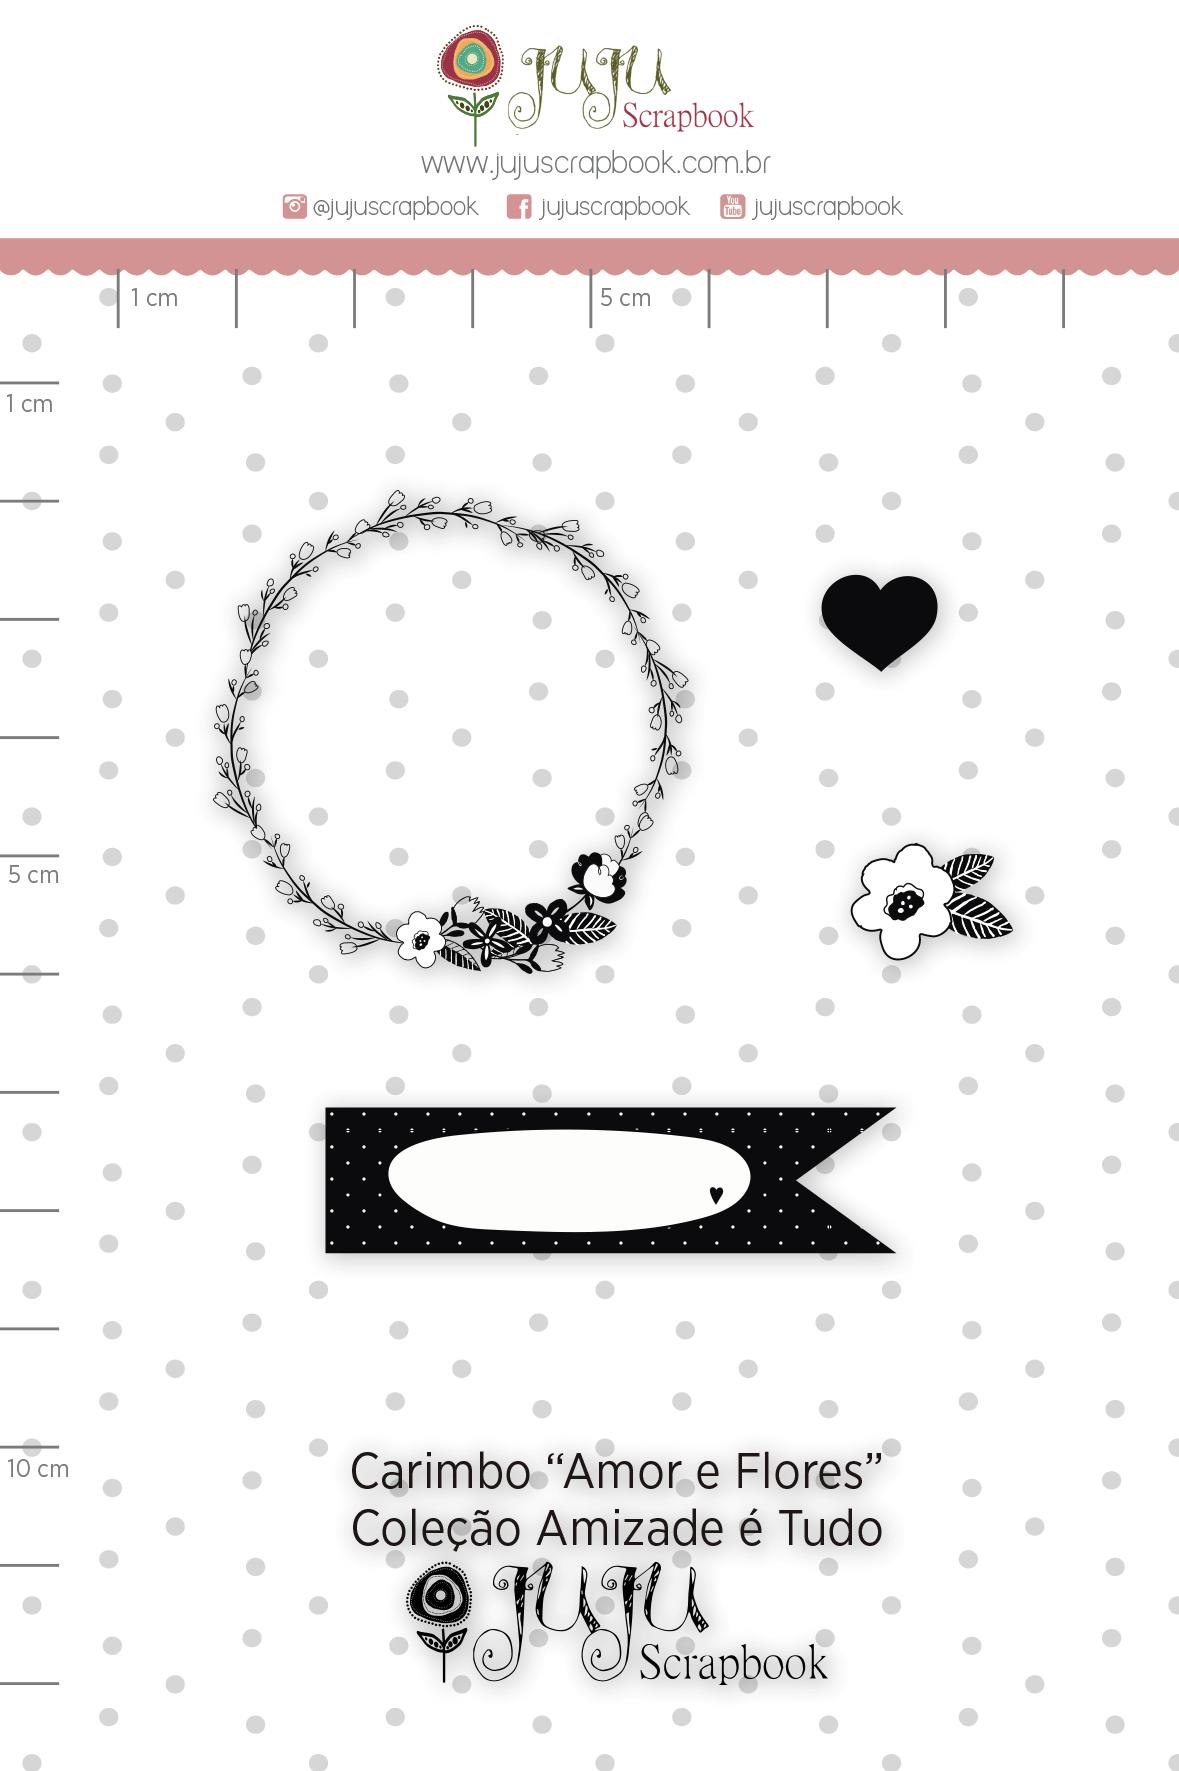 Carimbo M Amor e Flores - Coleção Amizade é Tudo - JuJu Scrapbook  - JuJu Scrapbook